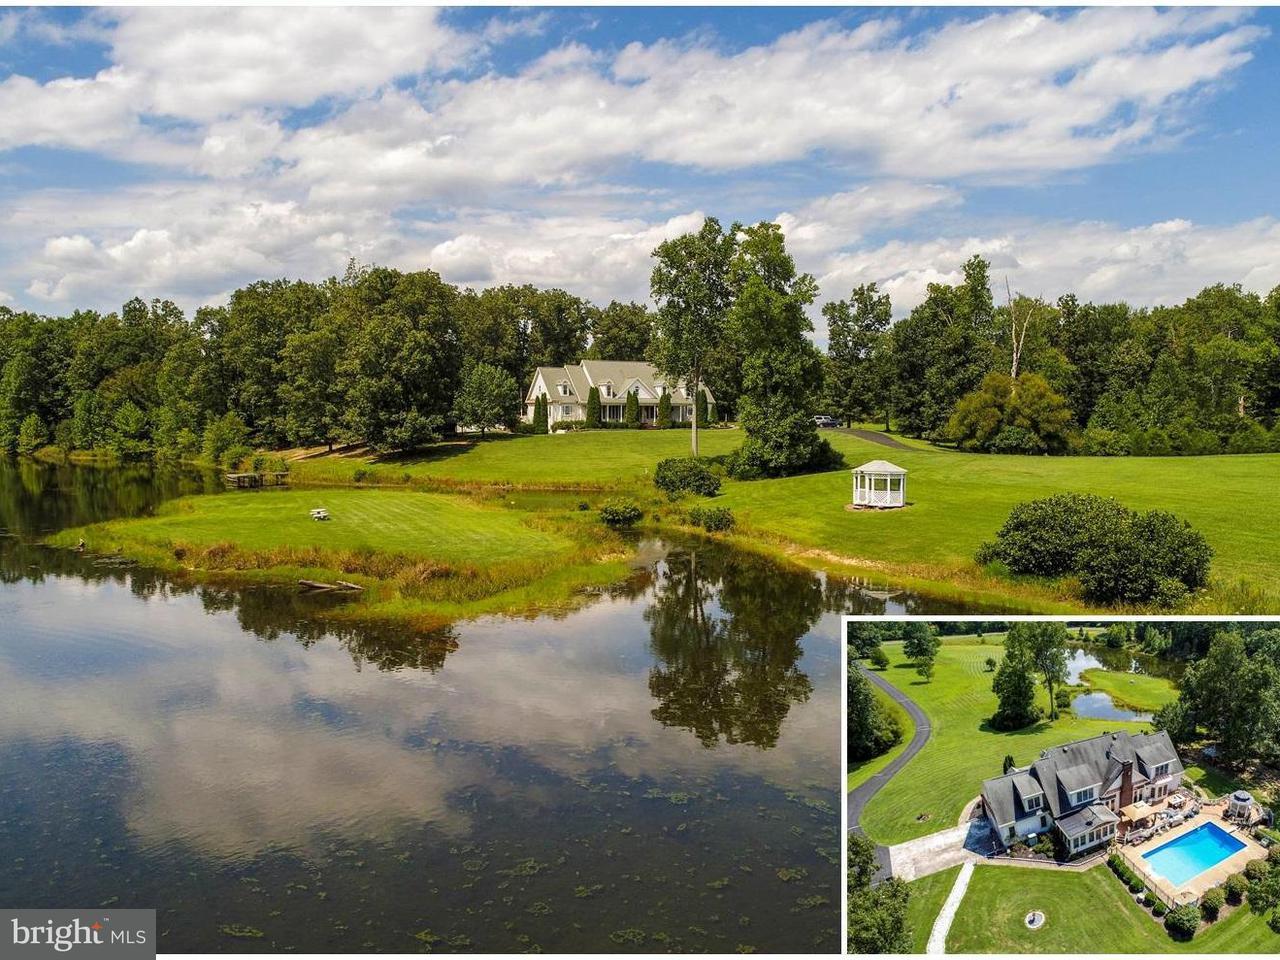 獨棟家庭住宅 為 出售 在 2036 SPOTSWOOD Drive 2036 SPOTSWOOD Drive Locust Grove, 弗吉尼亞州 22508 美國